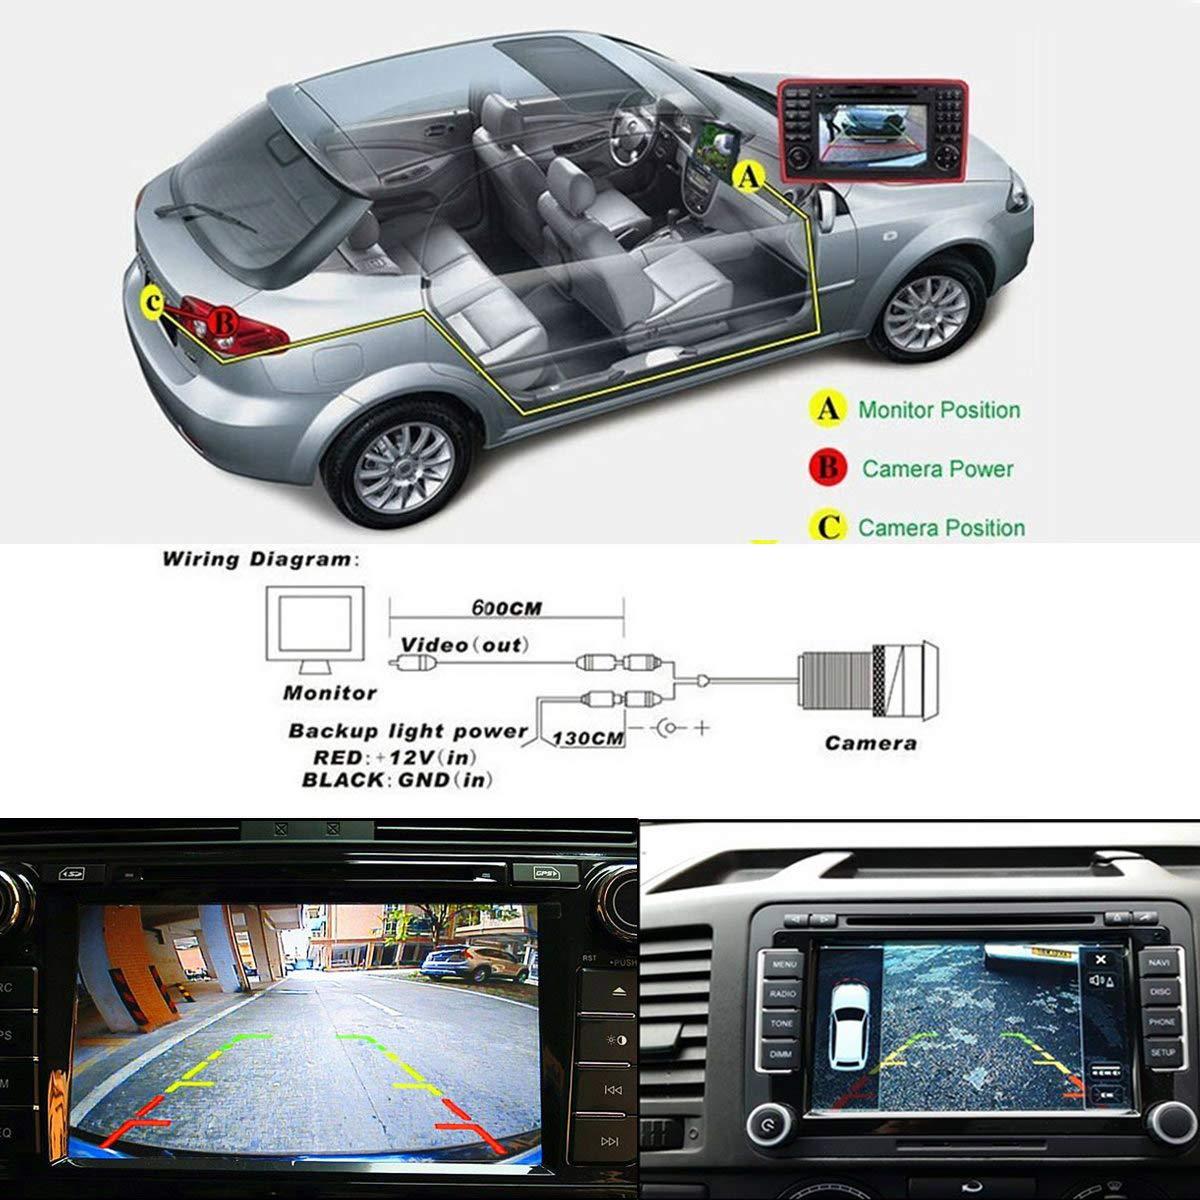 HD CCD 20mm Couleur Cam/éra avec Vision Nocturne et syst/ème de recul /étanche /& Antichoc IP68 pour Nissan Sunny Pathfinder//Armada//Citroen//Jumpy//C-Quatre//Peugeot//Fiat